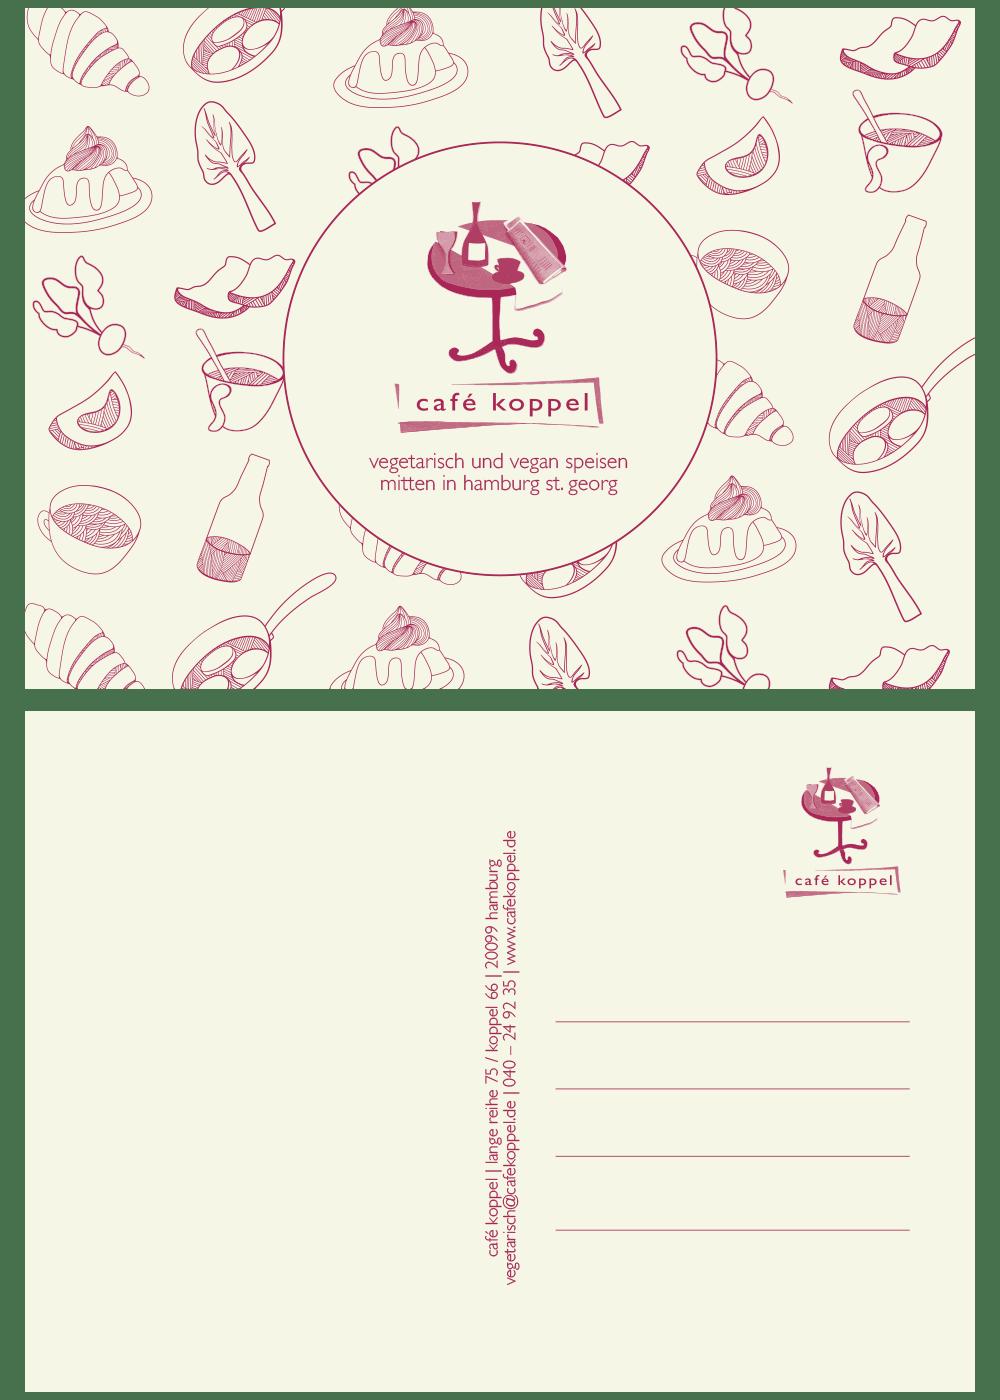 Heidschnack Grafikdesign aus Lüneburg zeichnet sich auch für die Flyer des Cafe Koppel verantwortlich.